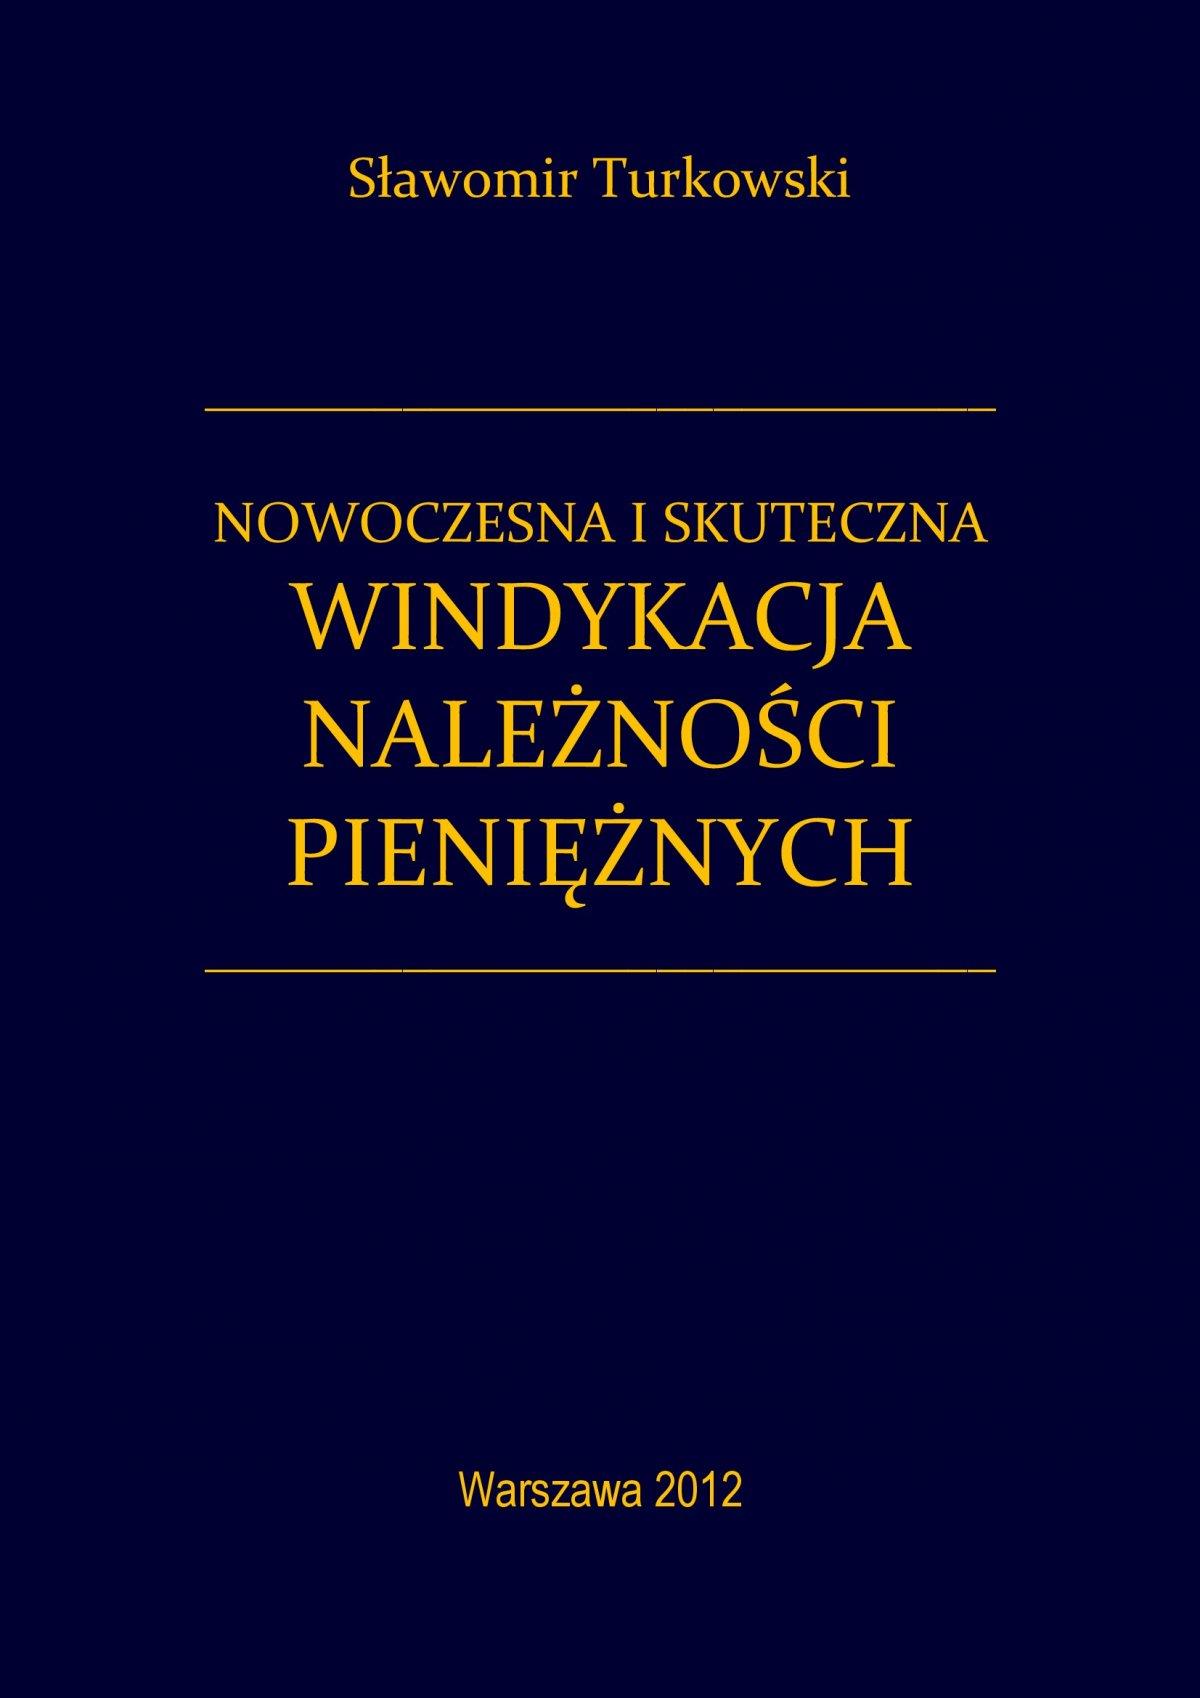 Nowoczesna i skuteczna windykacja należności pieniężnych - Ebook (Książka PDF) do pobrania w formacie PDF